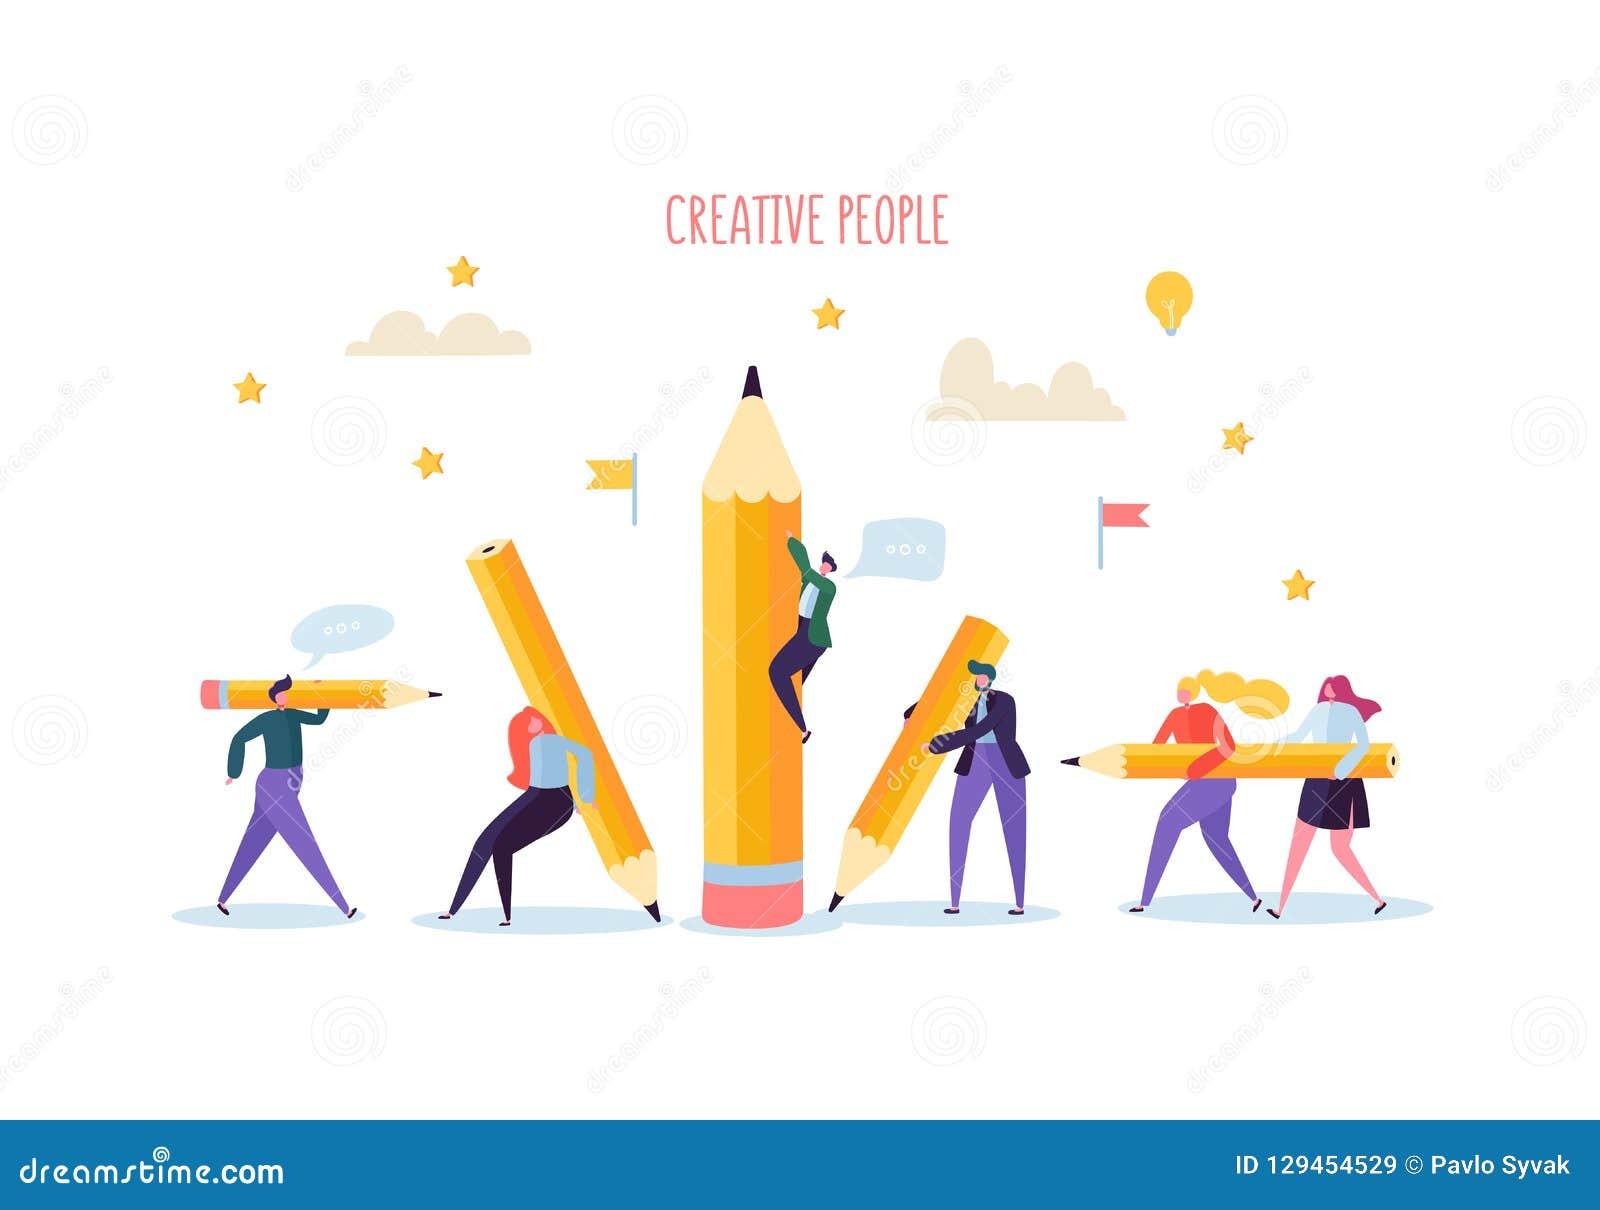 Bedrijfsmensen met Potloden De creatieve Karakters verwerken Organisatie Zakenman en Onderneemster met Potlood